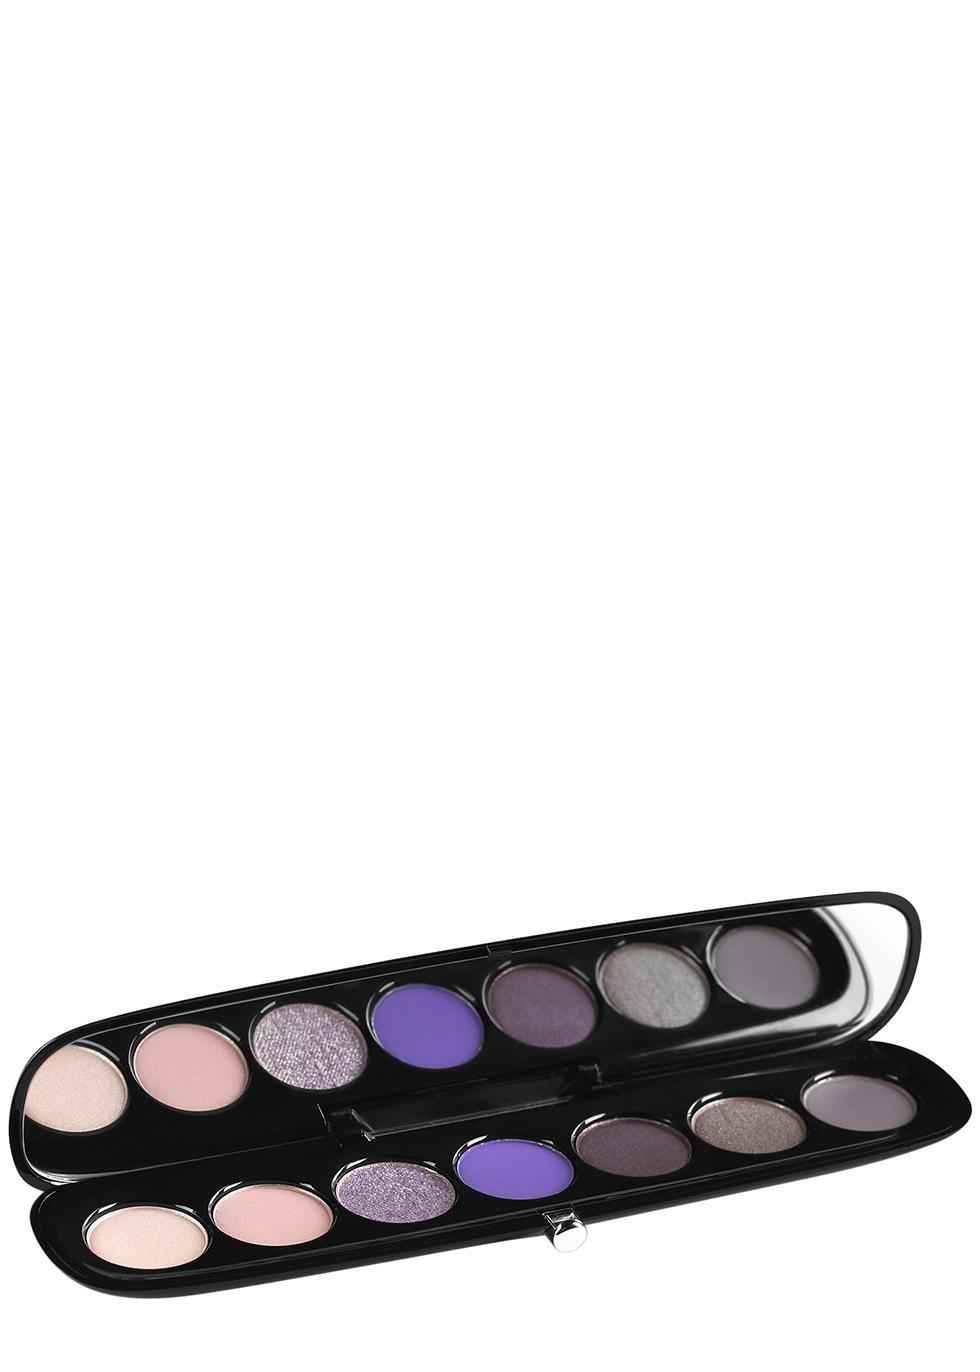 Eye-Conic Multi-Finish Eyeshadow Palette - Frivoluxe - MARC JACOBS BEAUTY